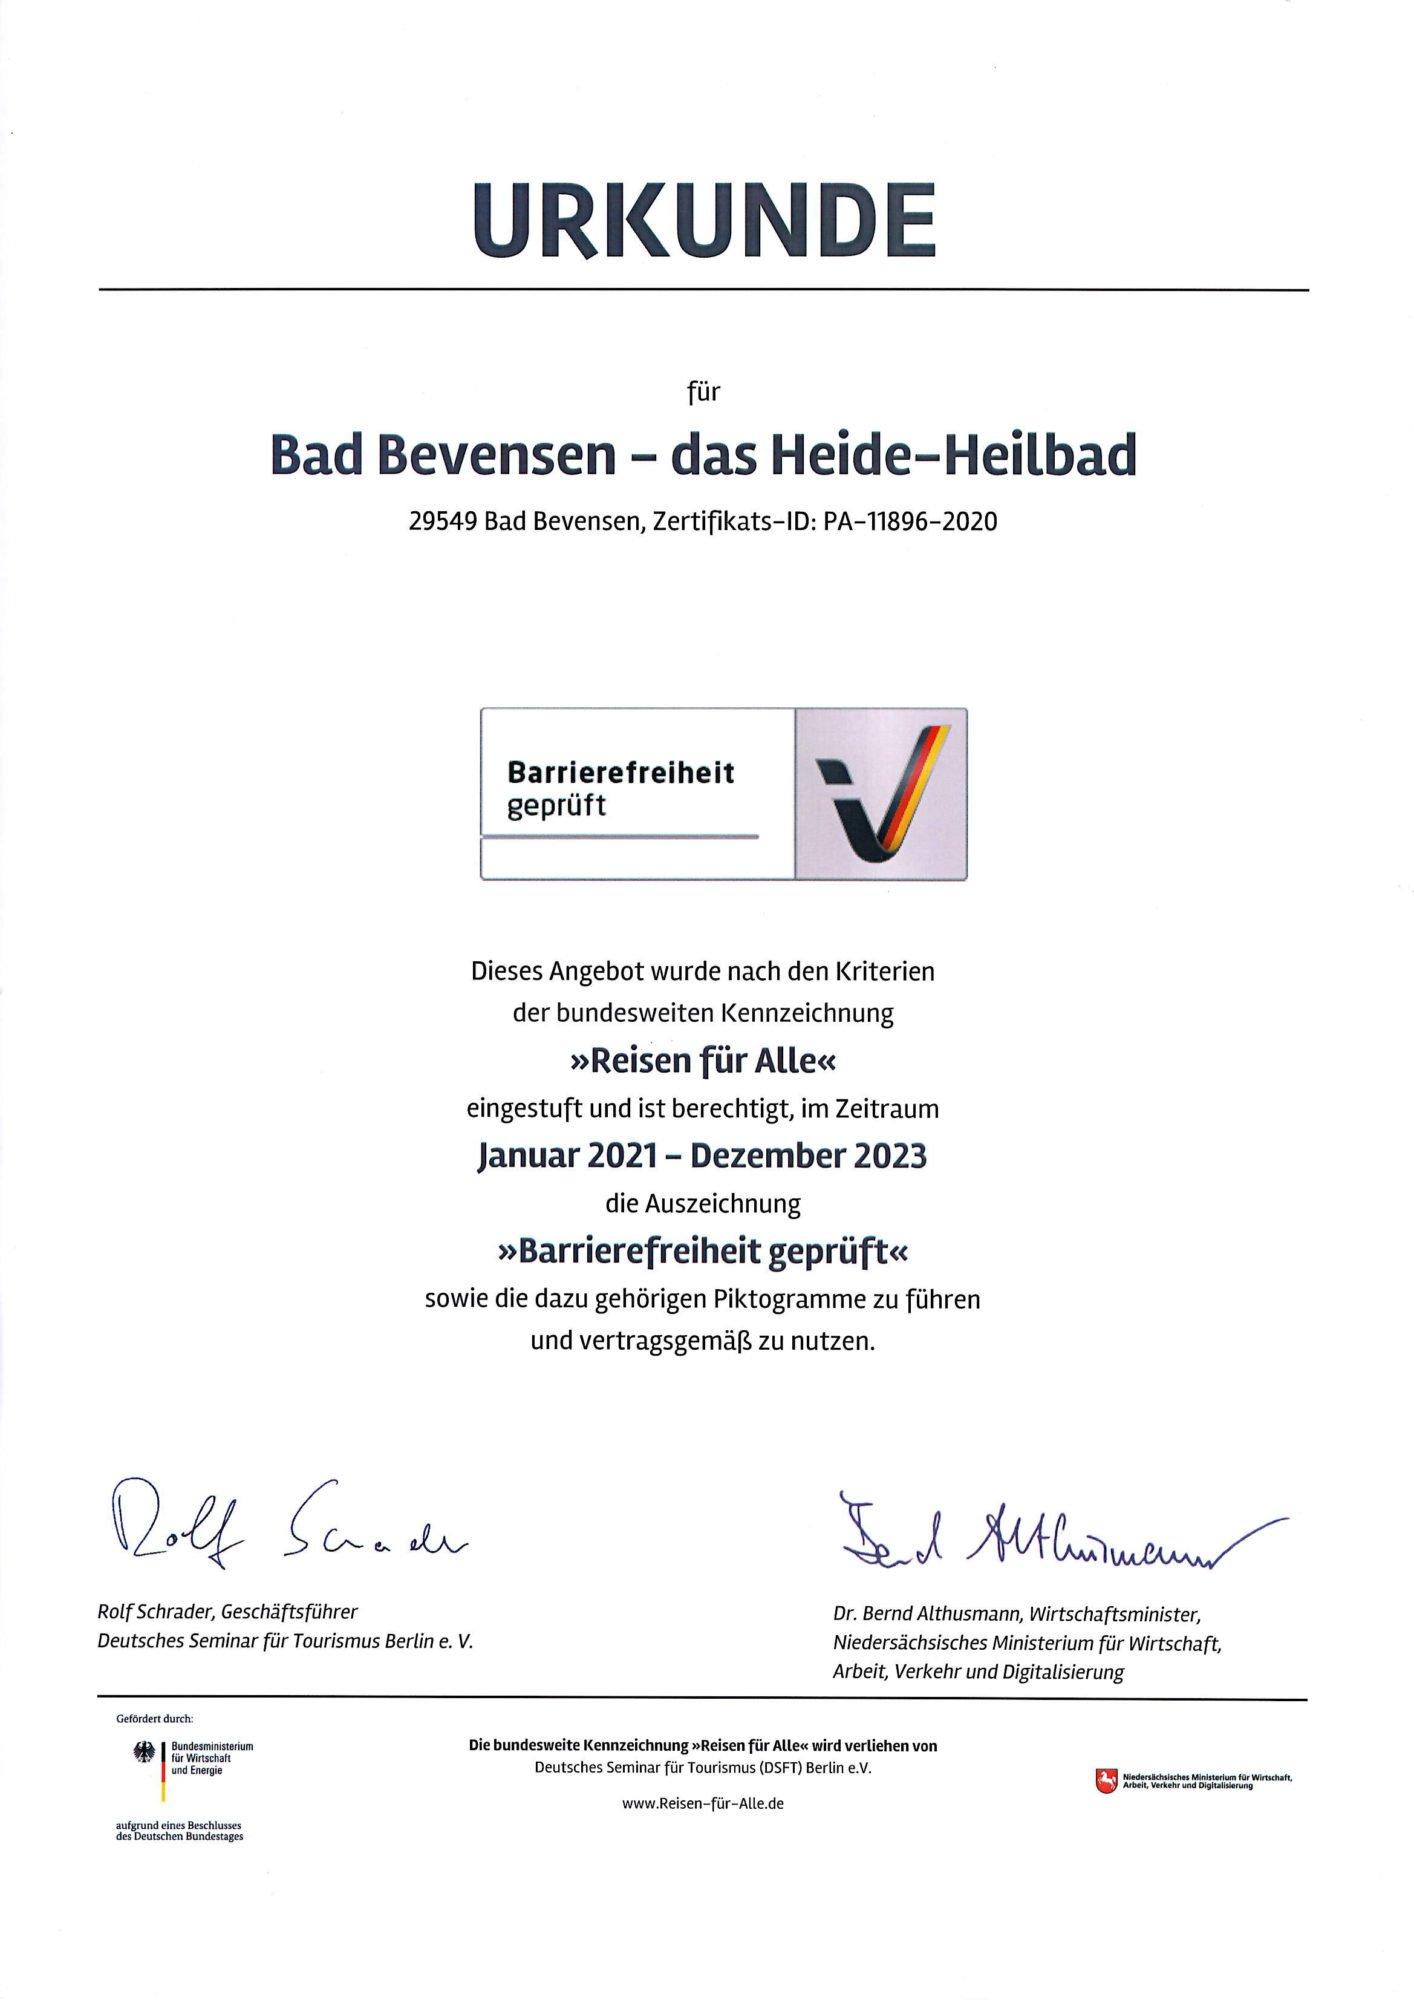 """Die Urkunde für die Stadt Bad Bevensen mit dem Zertifikat """"Reisen für Alle""""."""